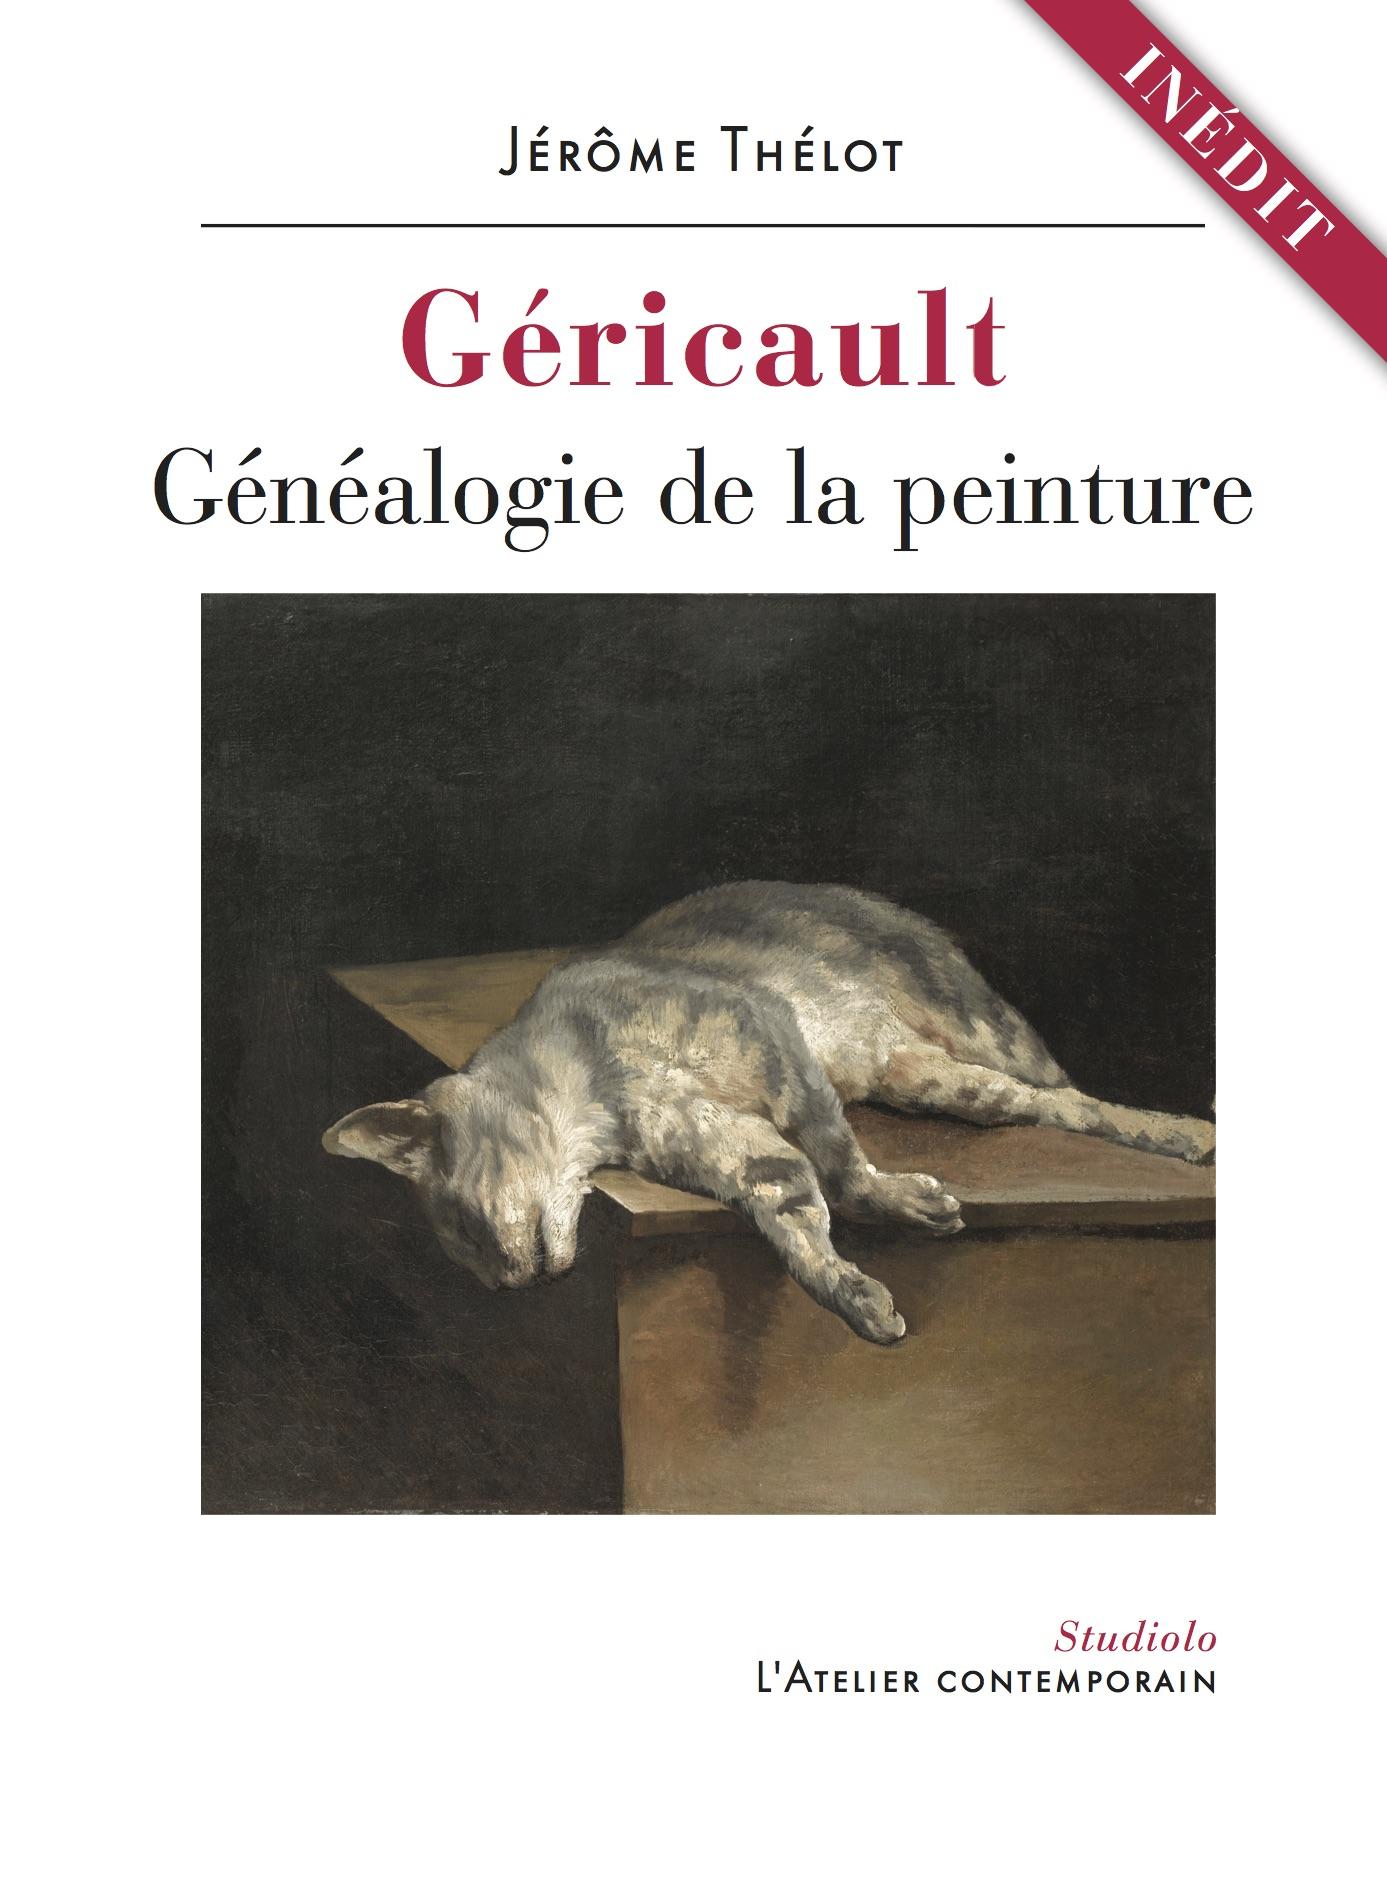 J. Thélot, Géricault. Généalogie de la peinture